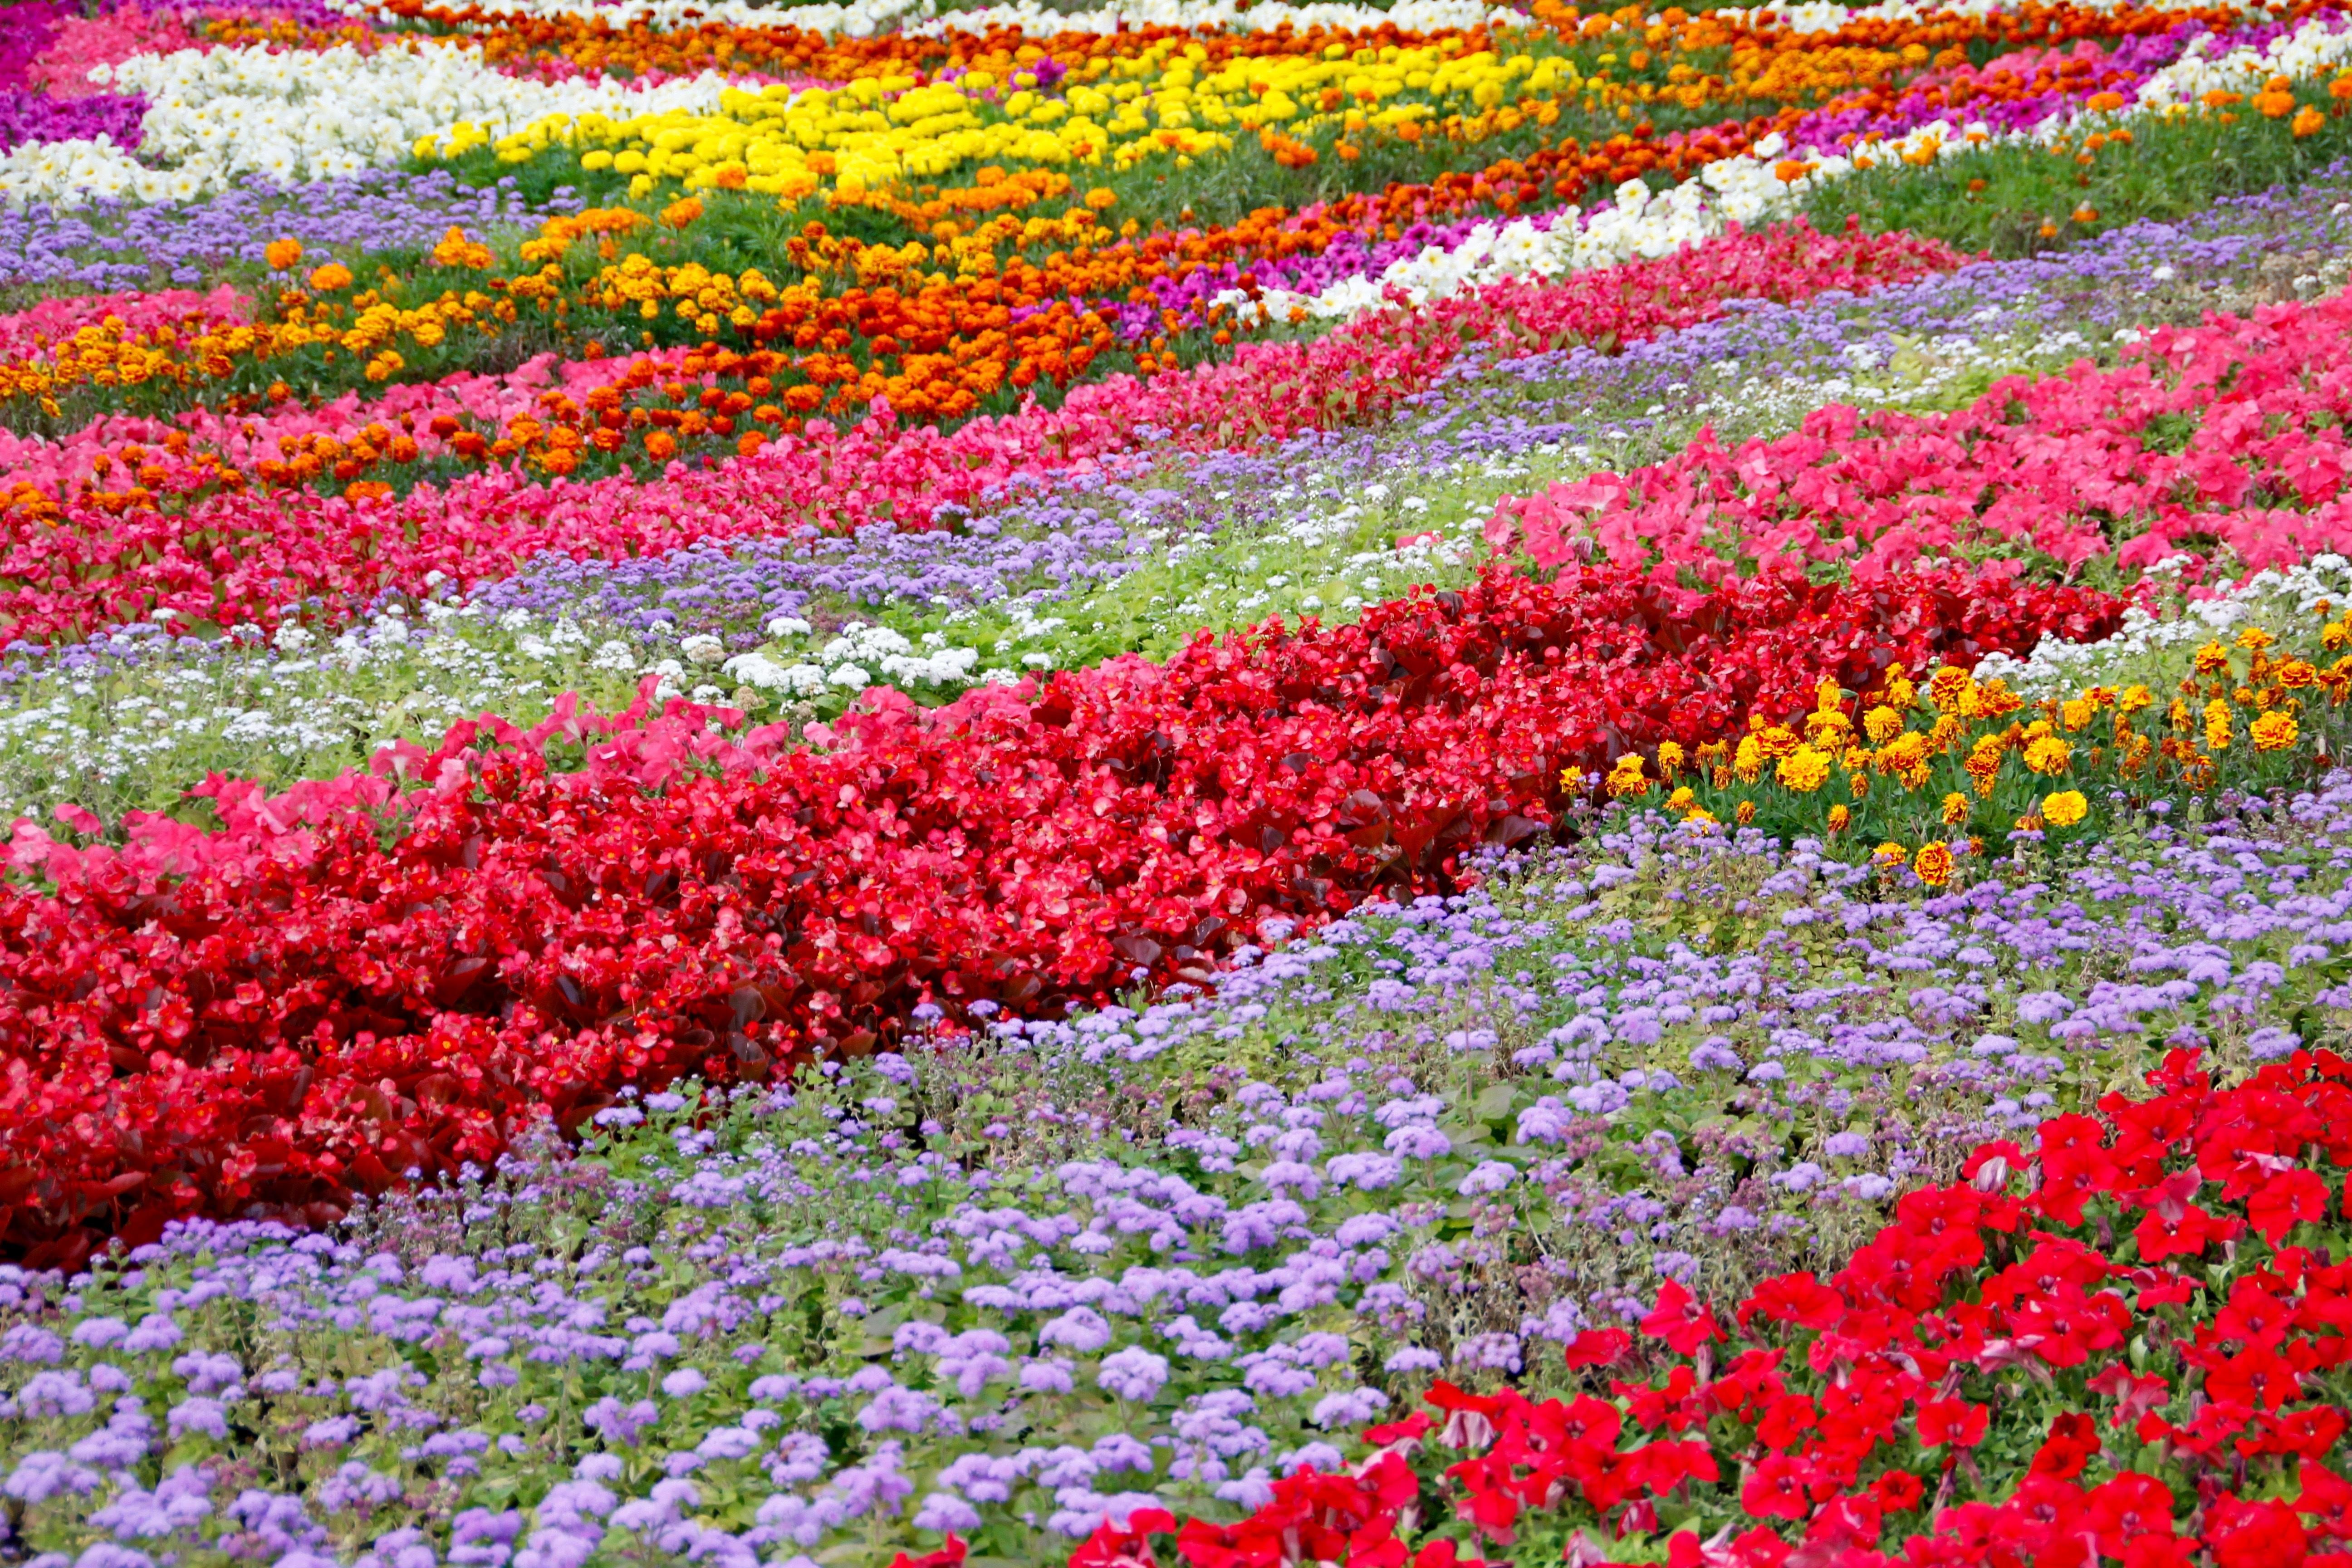 Image De Parterre De Fleurs images gratuites : champ, pelouse, prairie, fleur, floraison